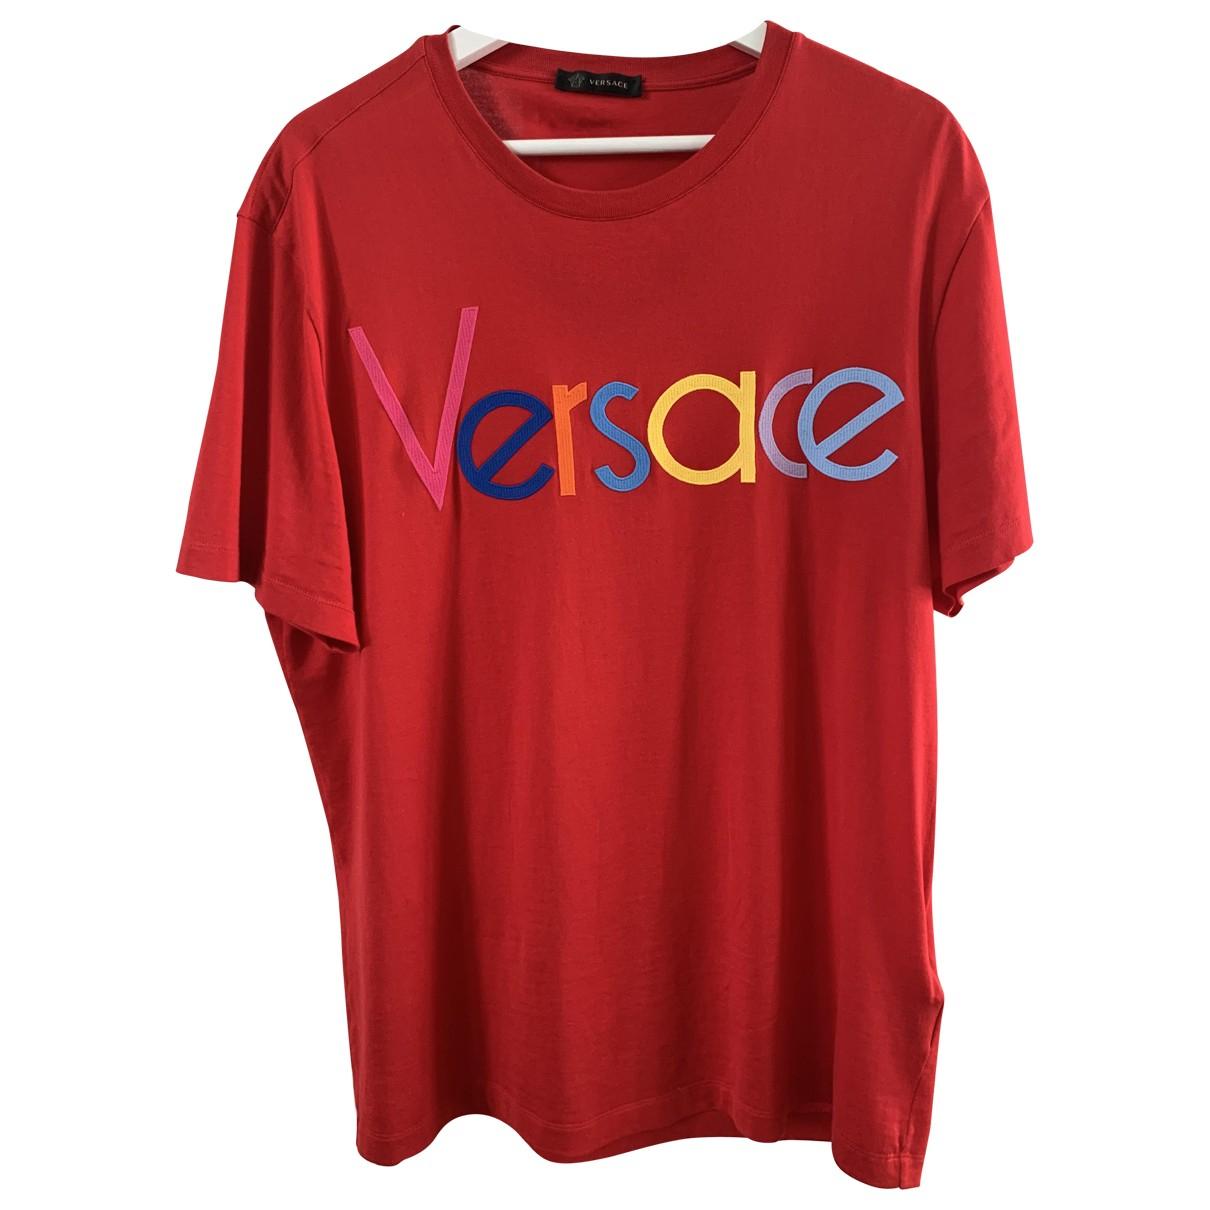 Versace - Tee shirts   pour homme en coton - rouge